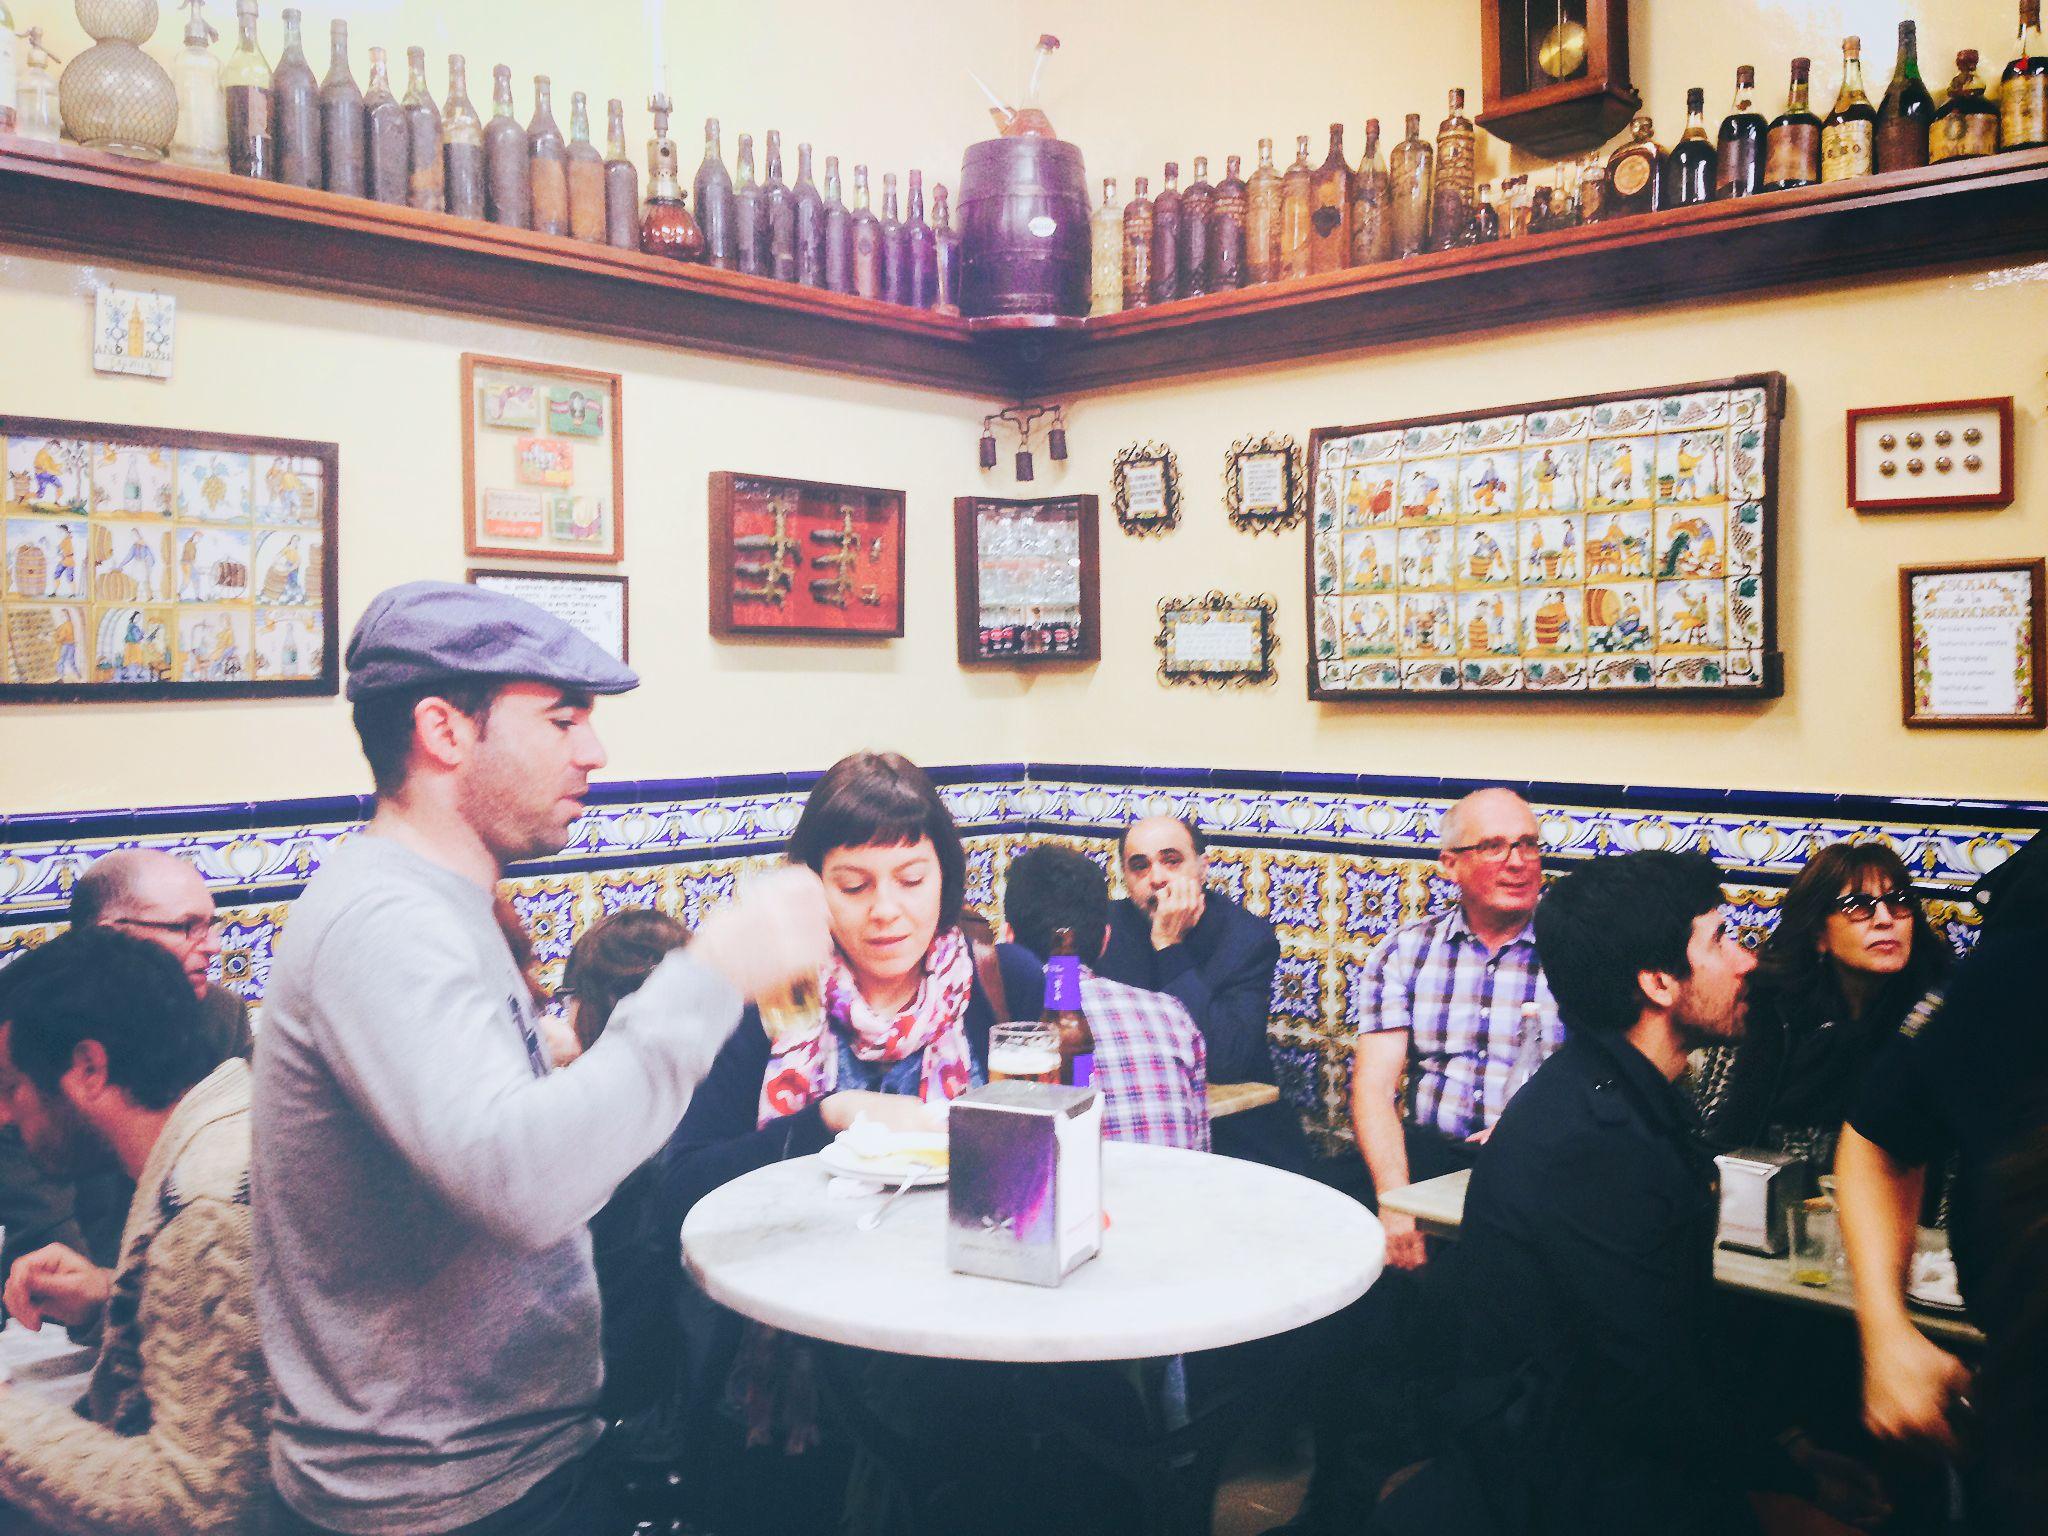 EL XAMPANYET   Great traditional place - tapas & wines -  El Born